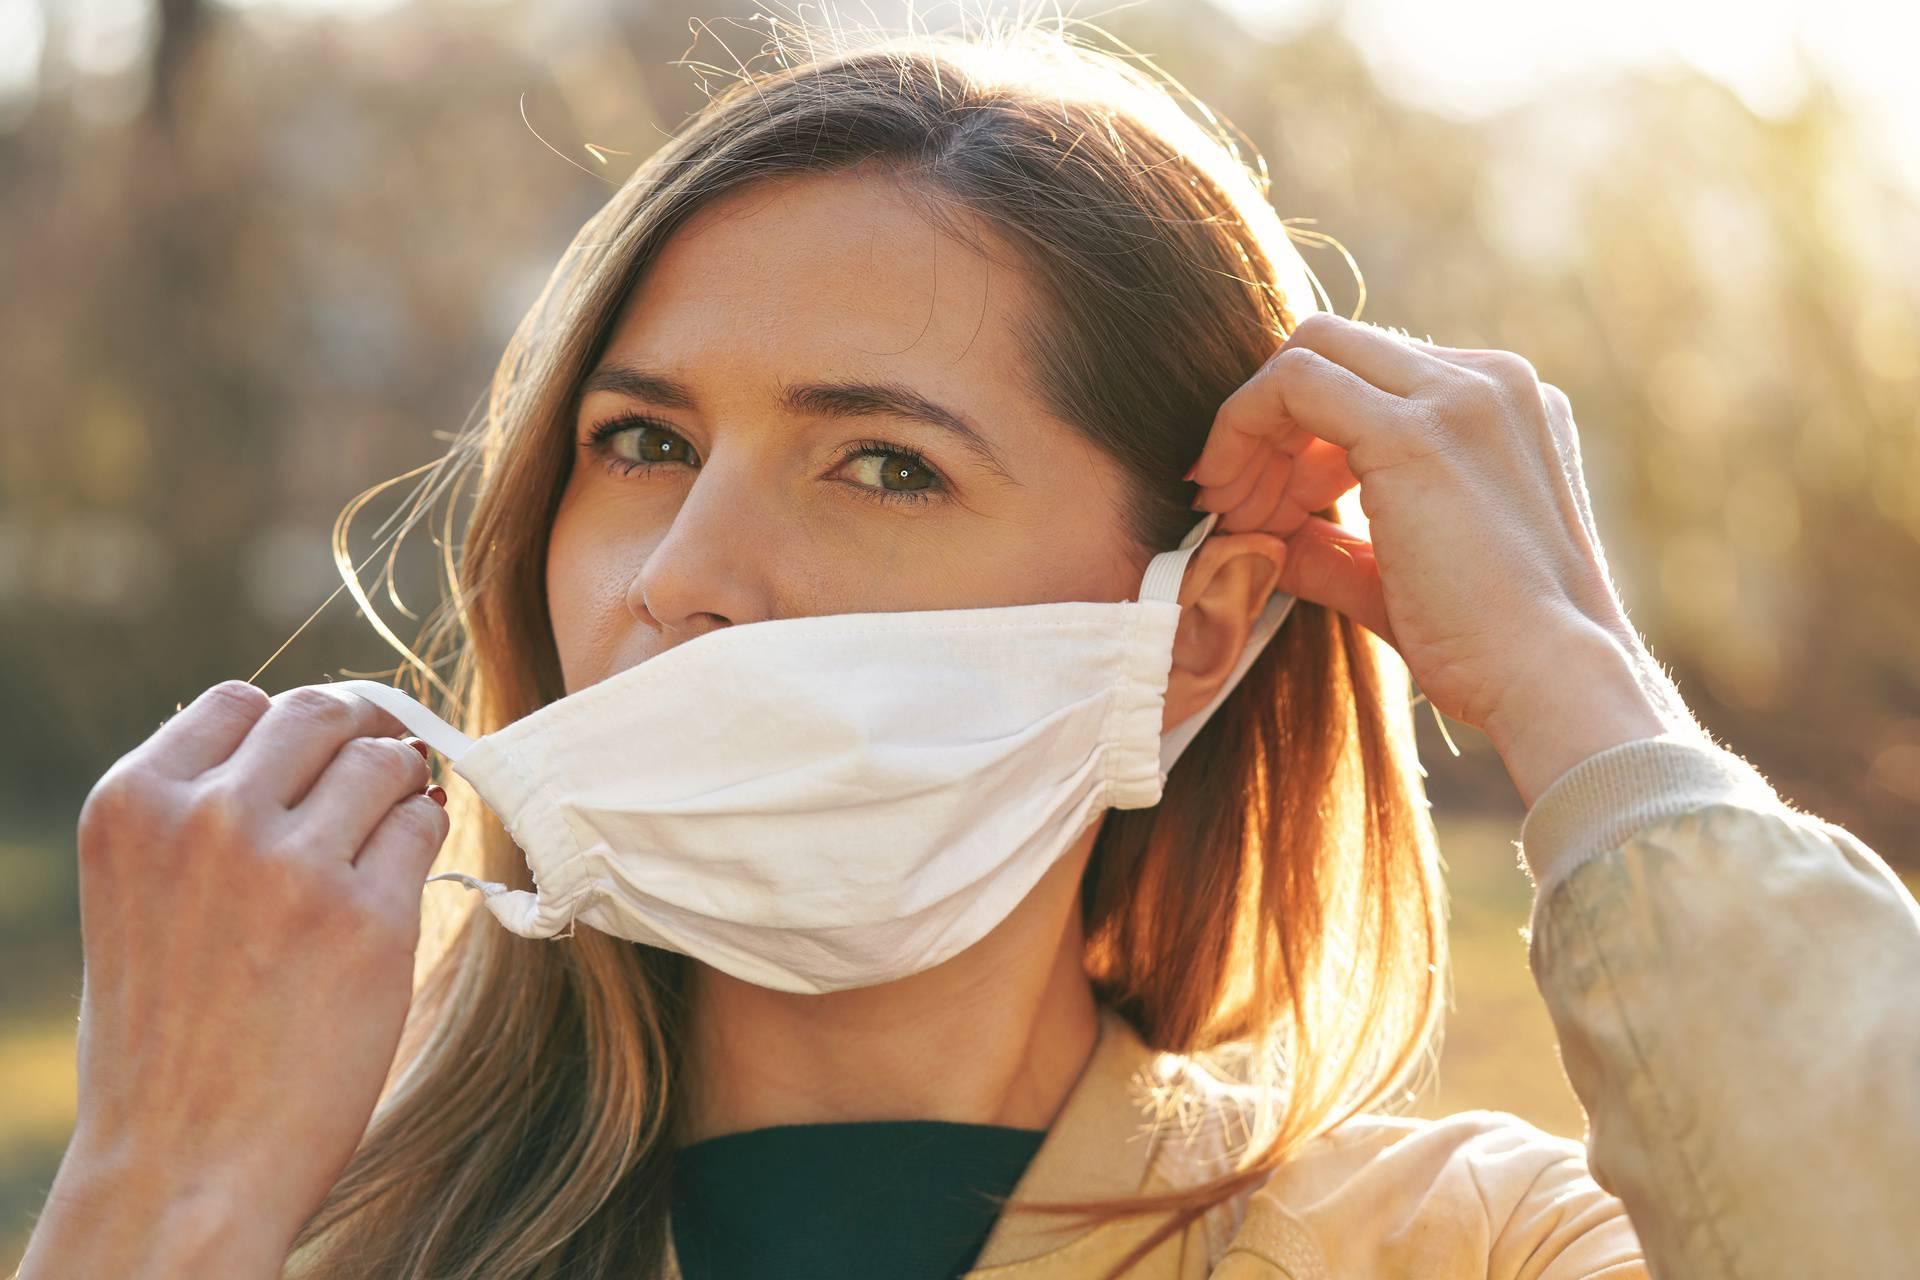 Isprobala je 5 tehnika s kojima maska ne pokvari šminku: Neke su za kratke šetnje, a neke duže